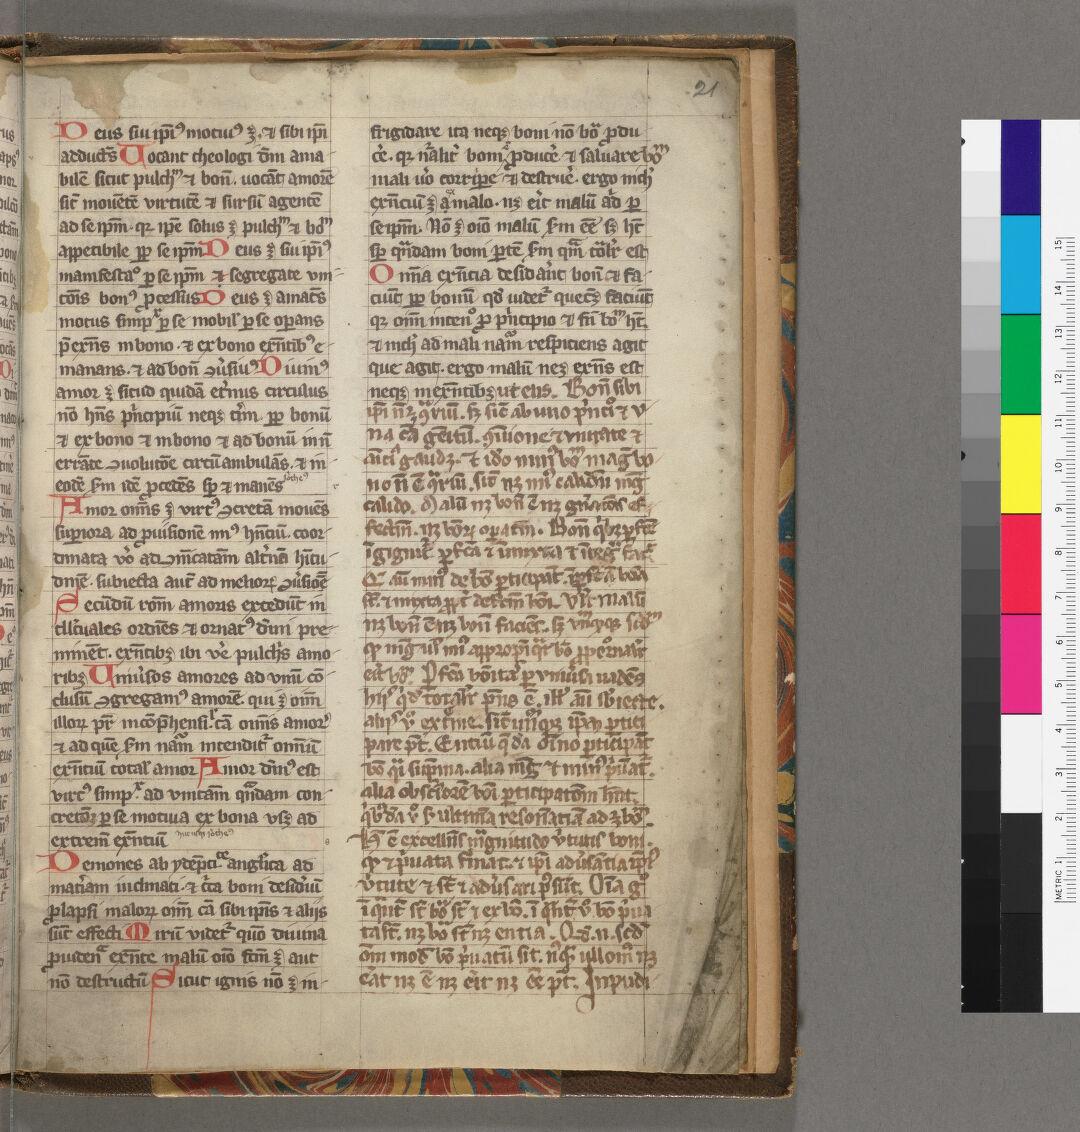 f. 21., (seq. 45)